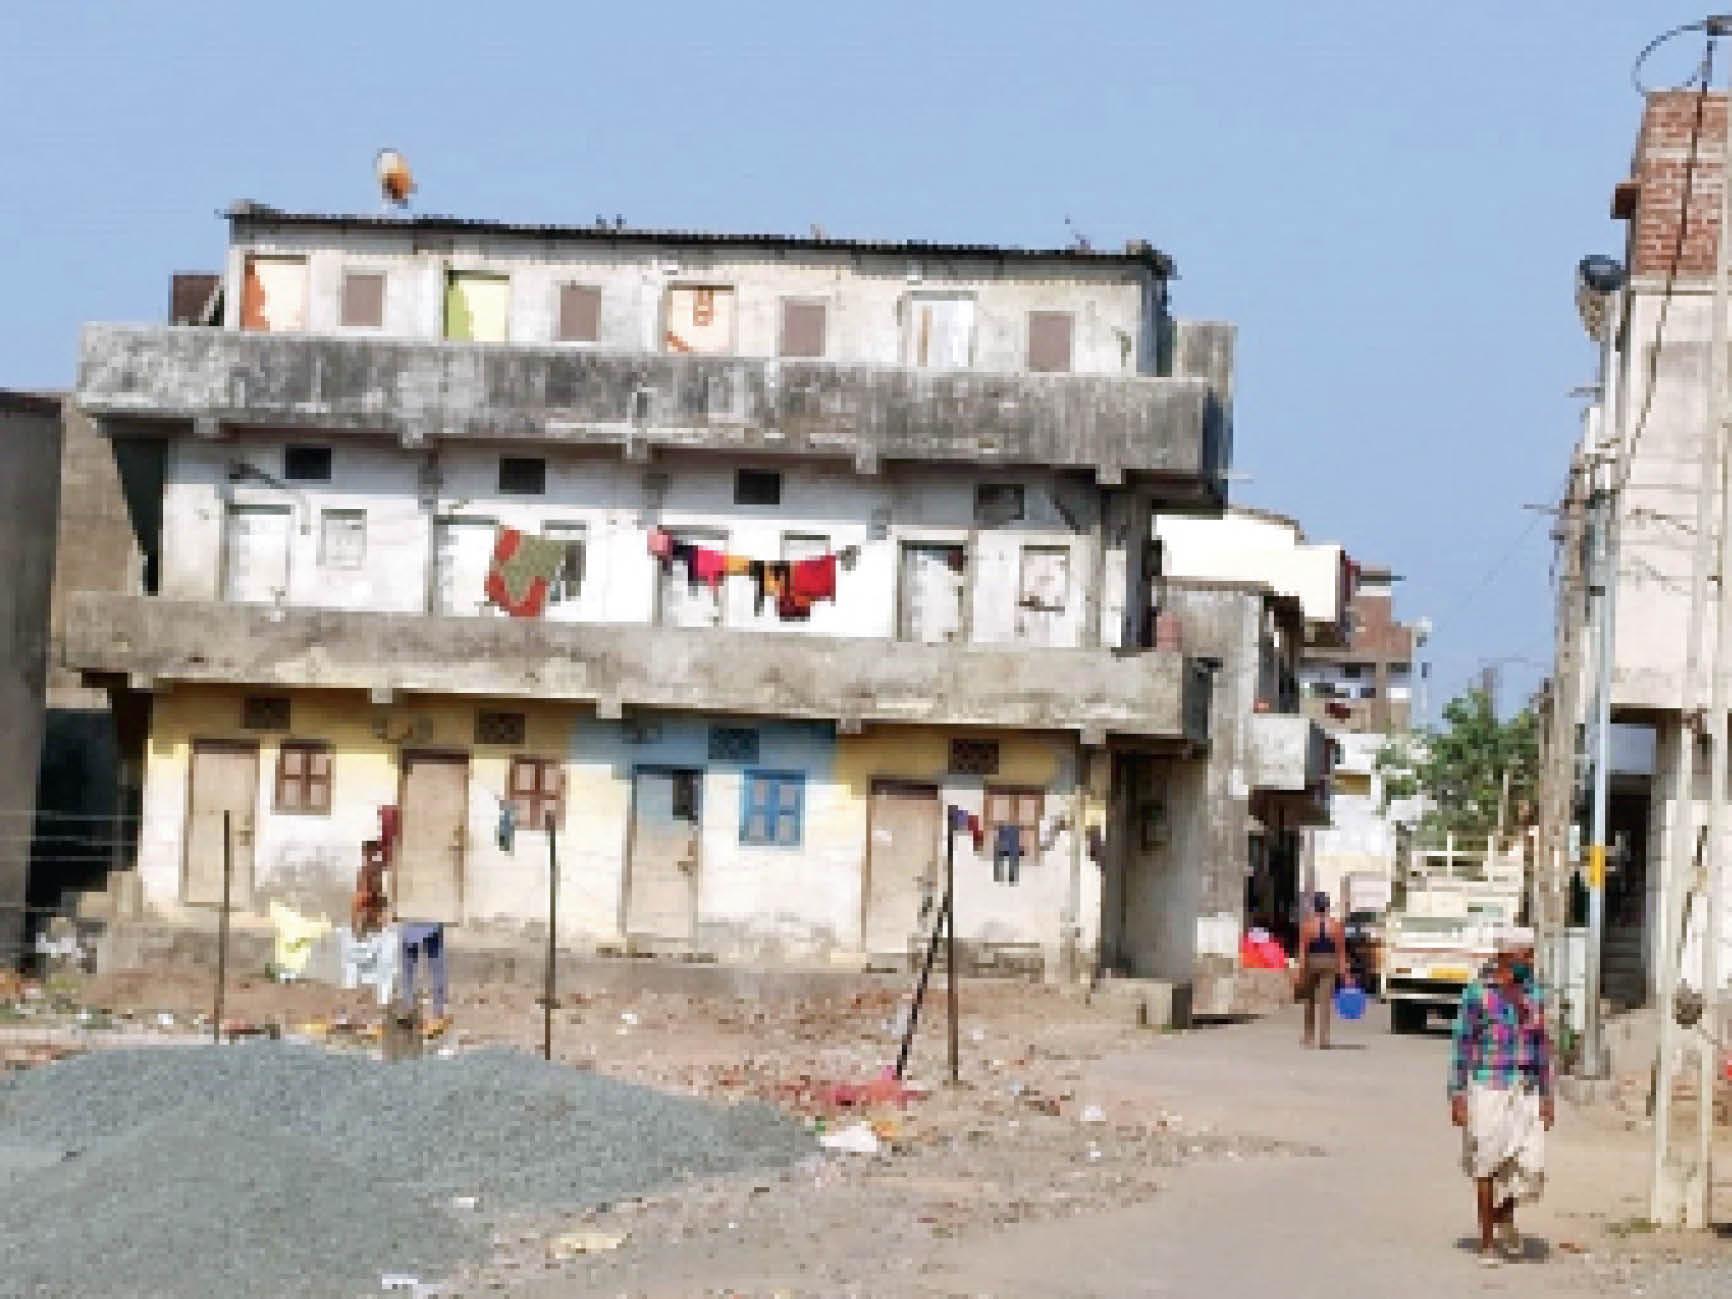 पांडेसरा के बमरोली गांव में श्रमिकों से खाली हो चुकी चॉलों पर ताले लगे। - Dainik Bhaskar